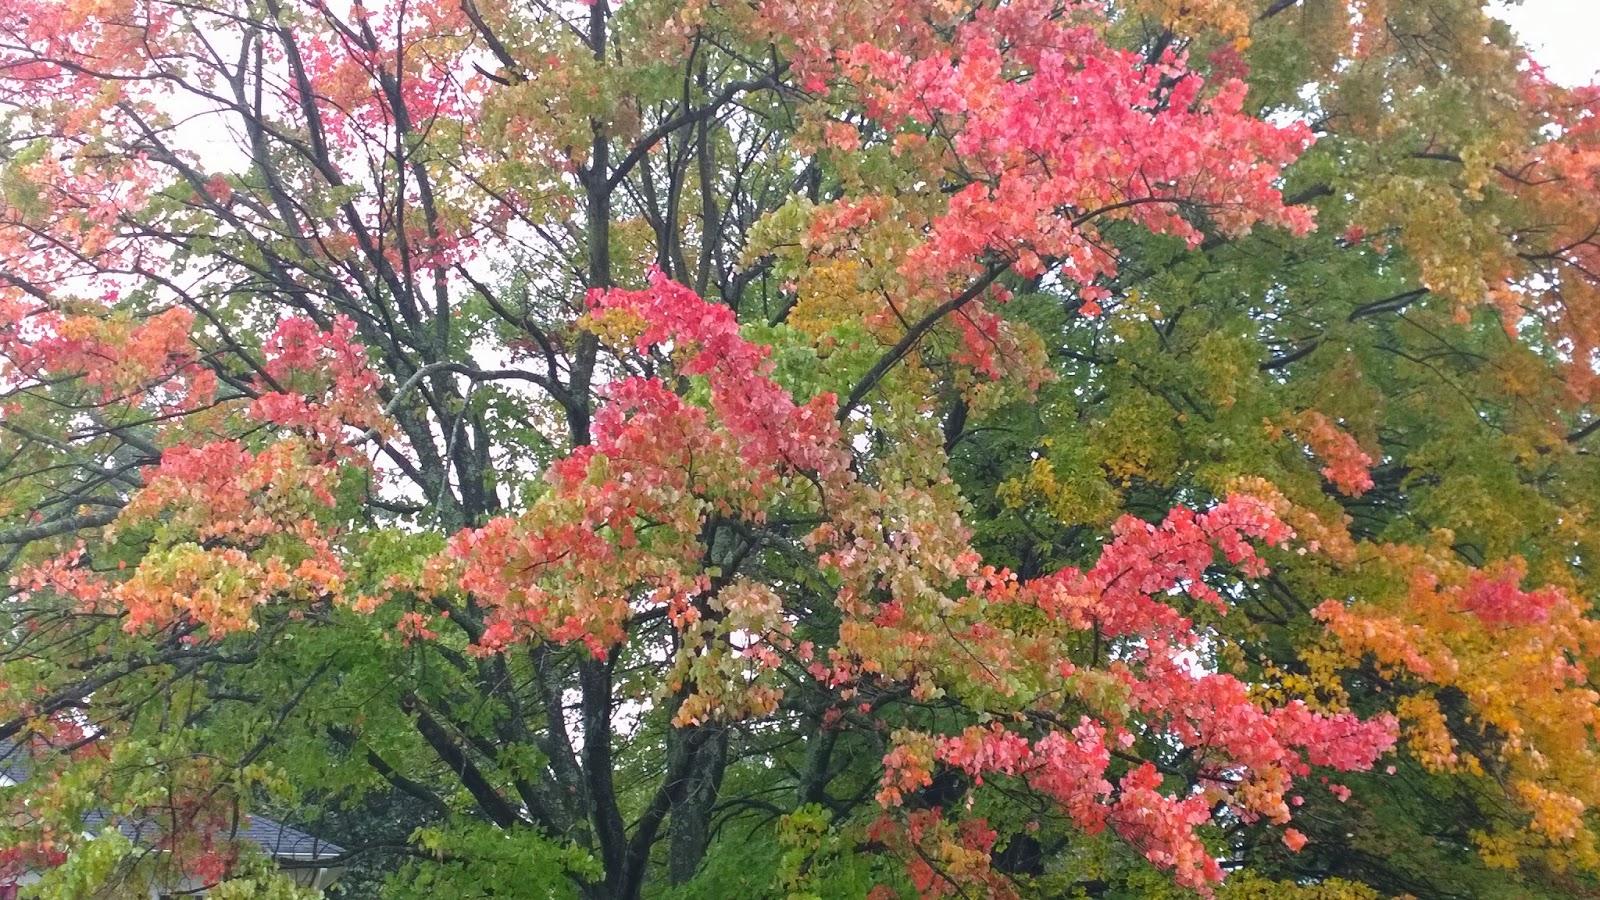 Avonturen vanuit ons hoekje van de wereld de herfst in huis brengen - Doos huis wereld ...